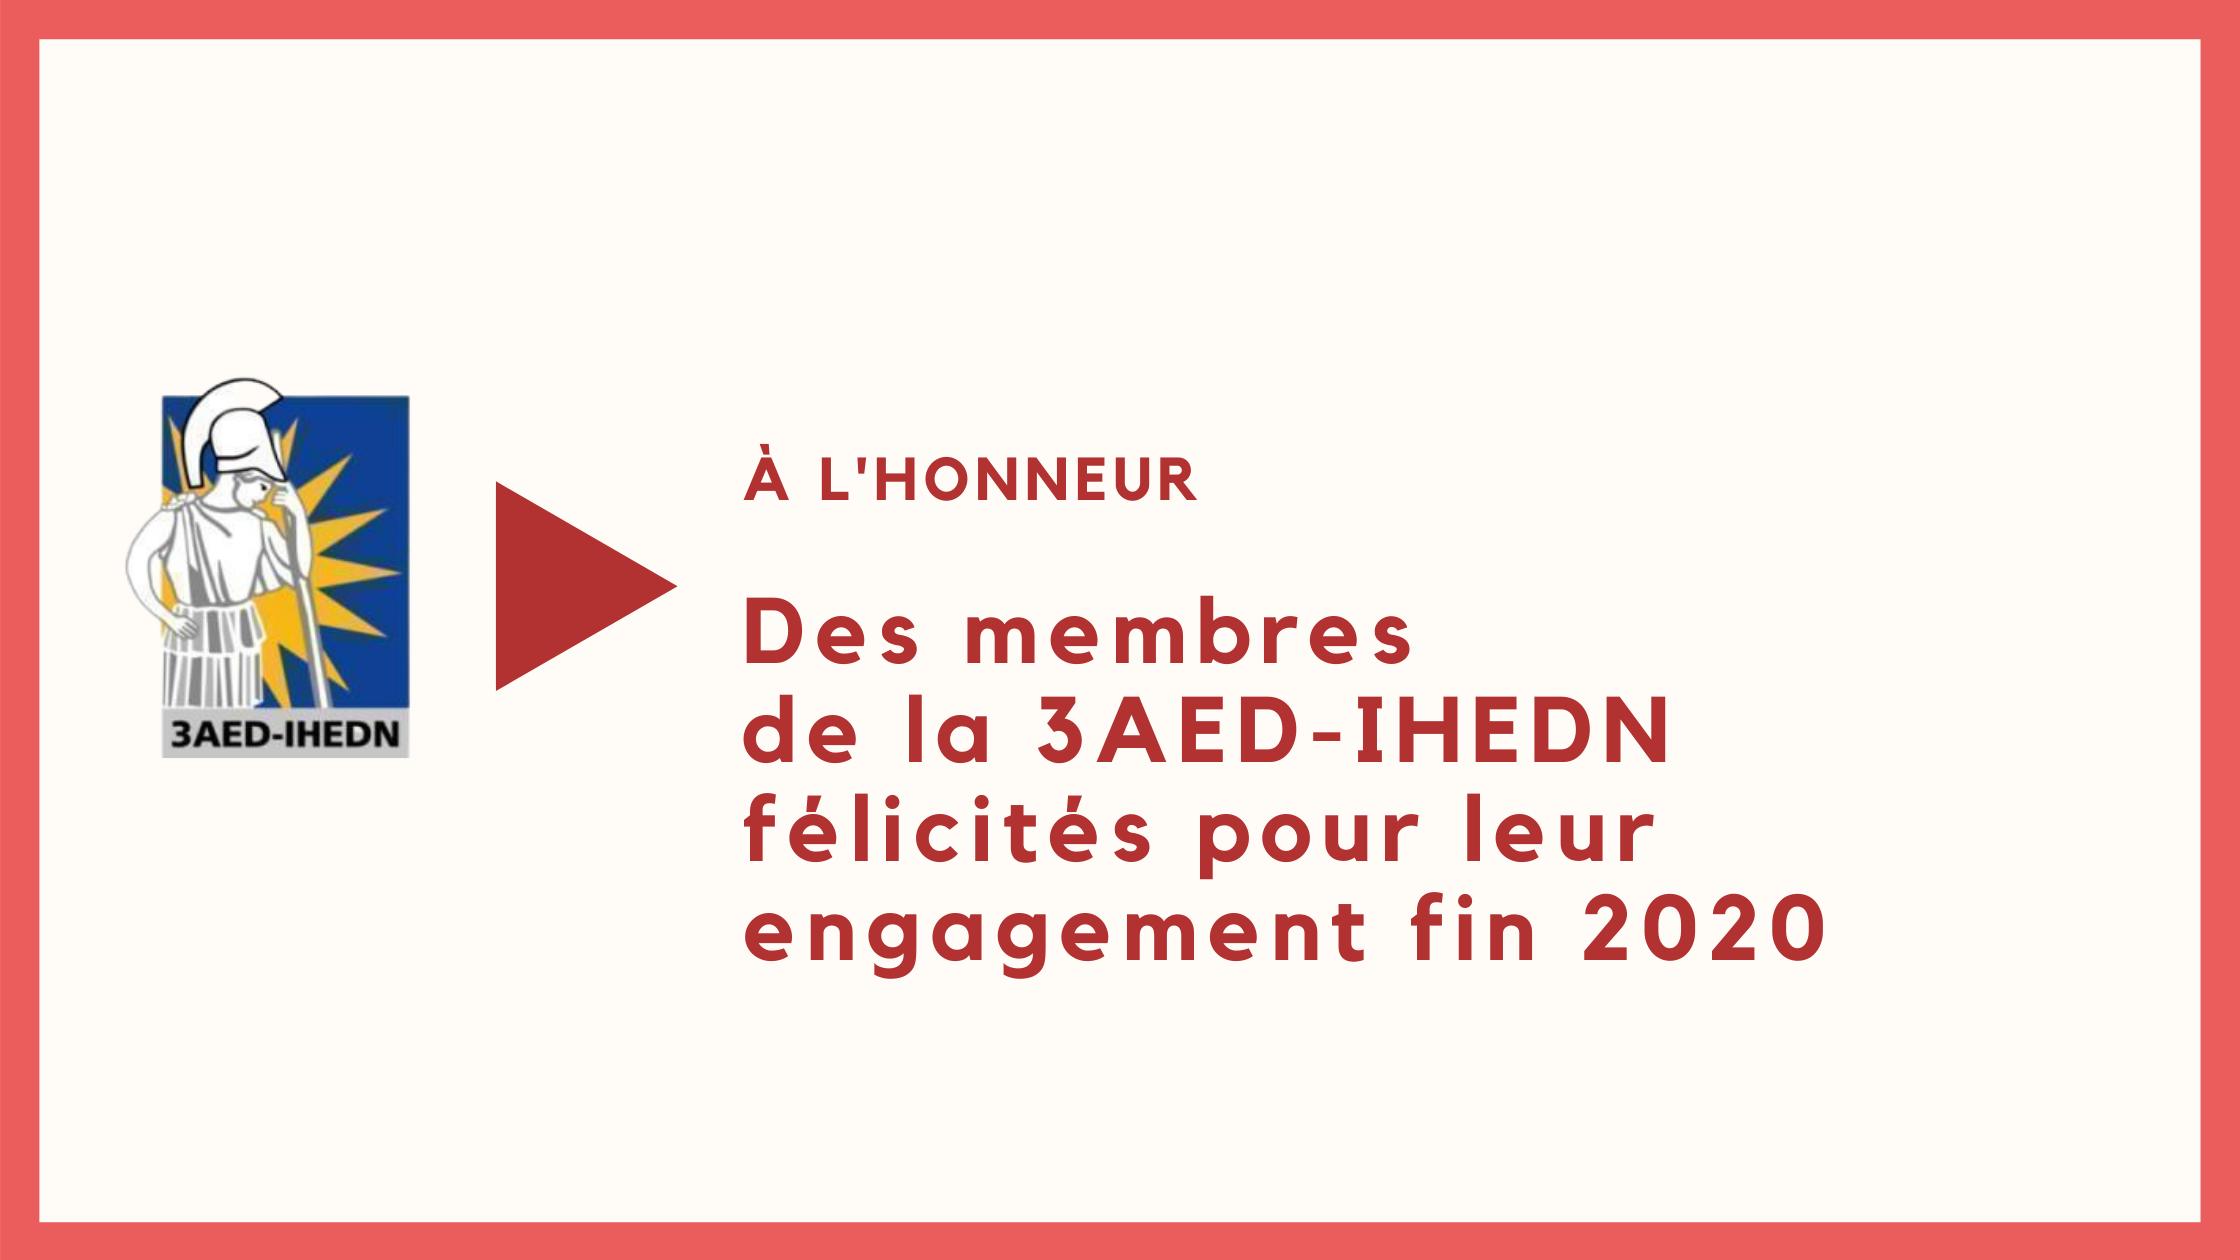 À l'honneur |Des membres de la 3AED-IHEDN félicités pour leur engagement fin 2020